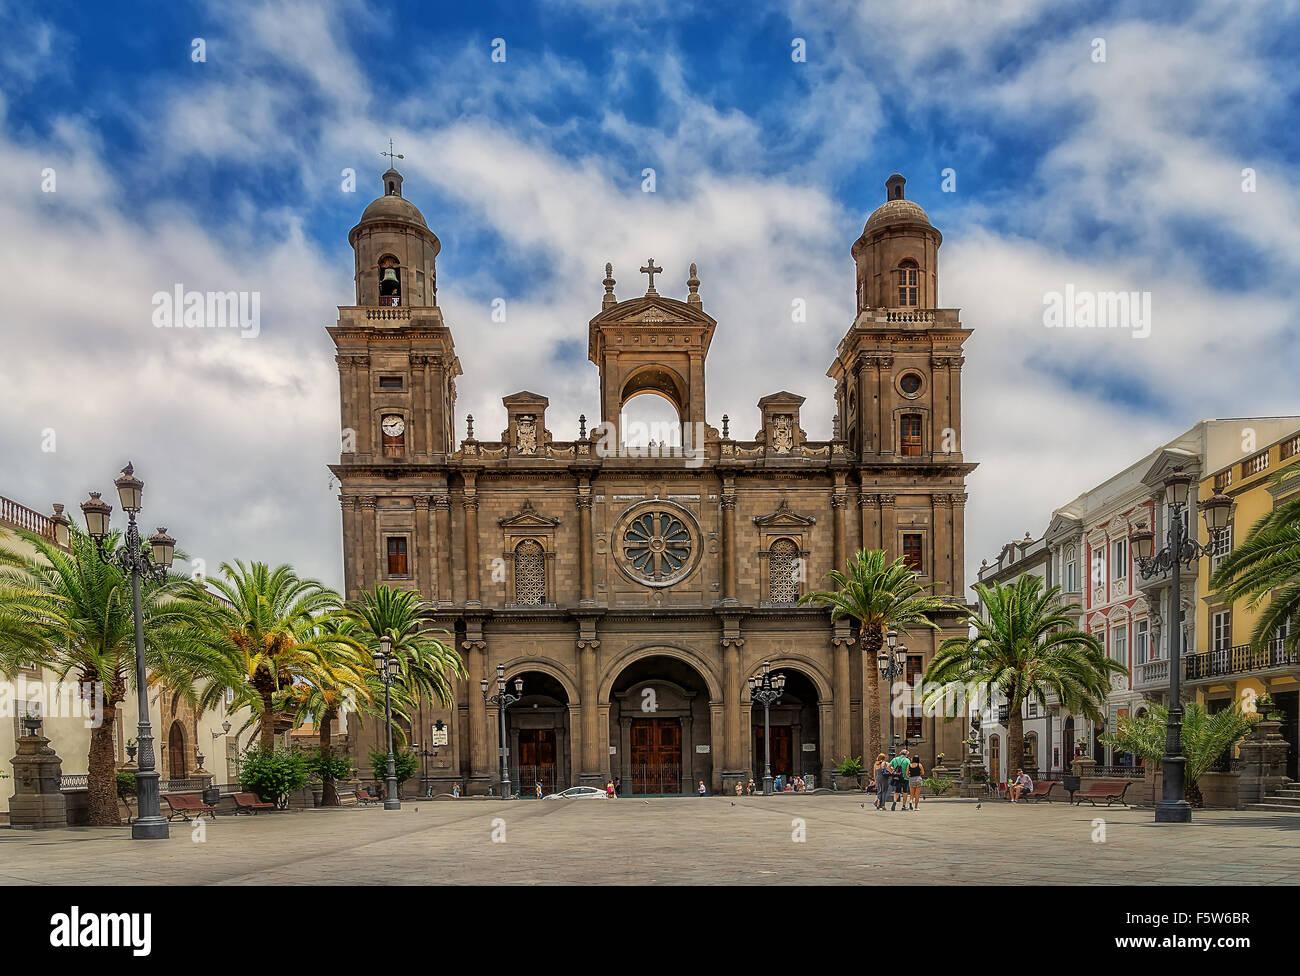 Las Palmas de gran canaria chiesa catedral palm turist,Persone,nuvole blu cielo Immagini Stock